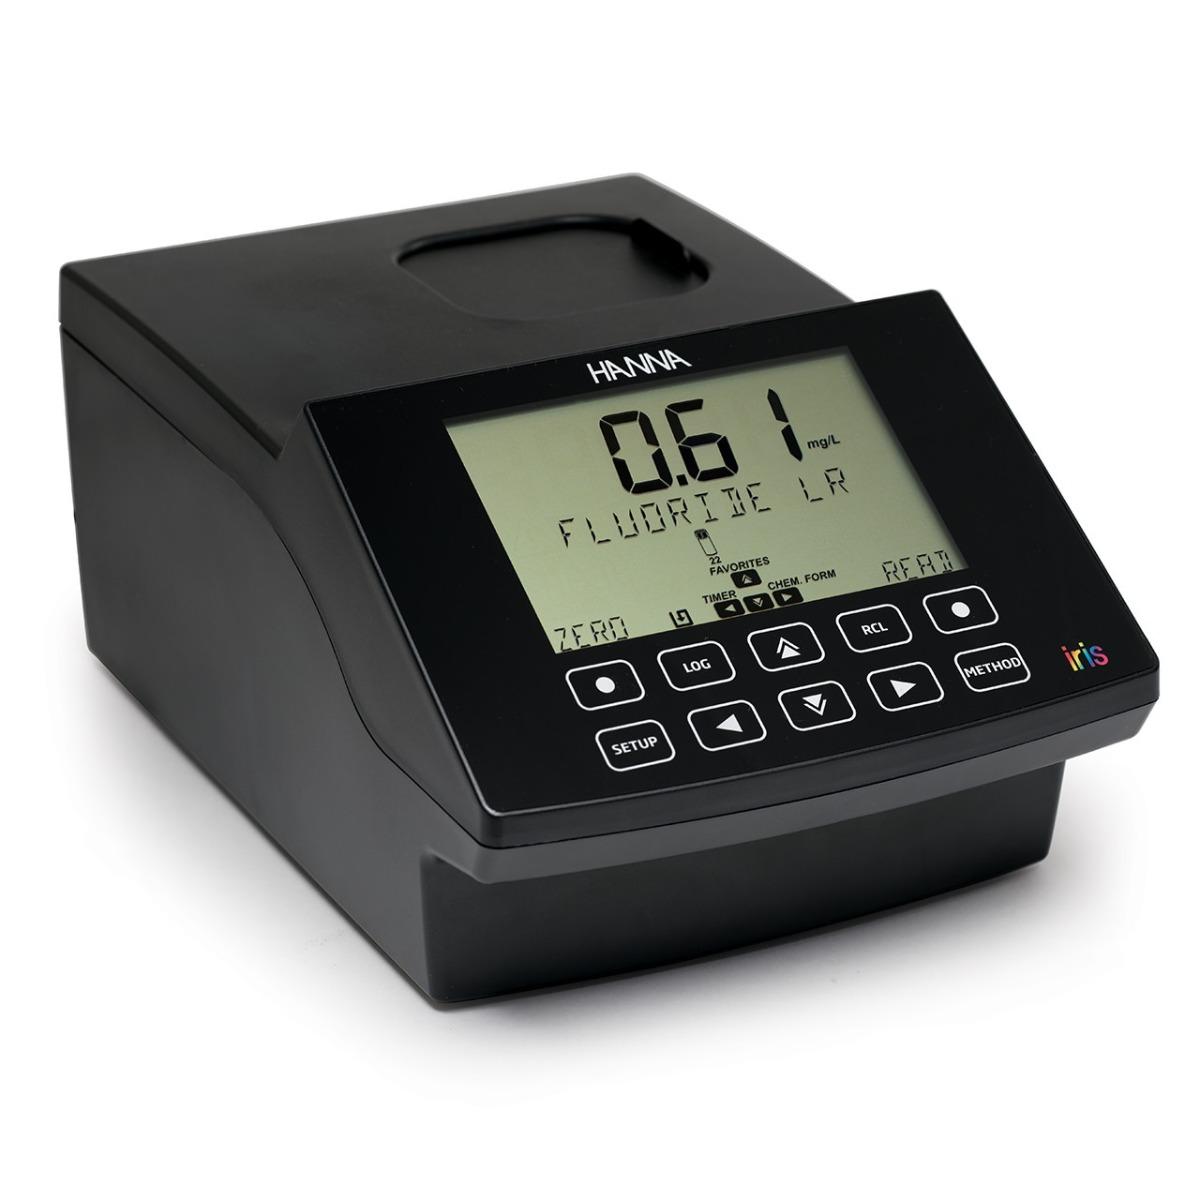 HI801 iris Spectrophotometer